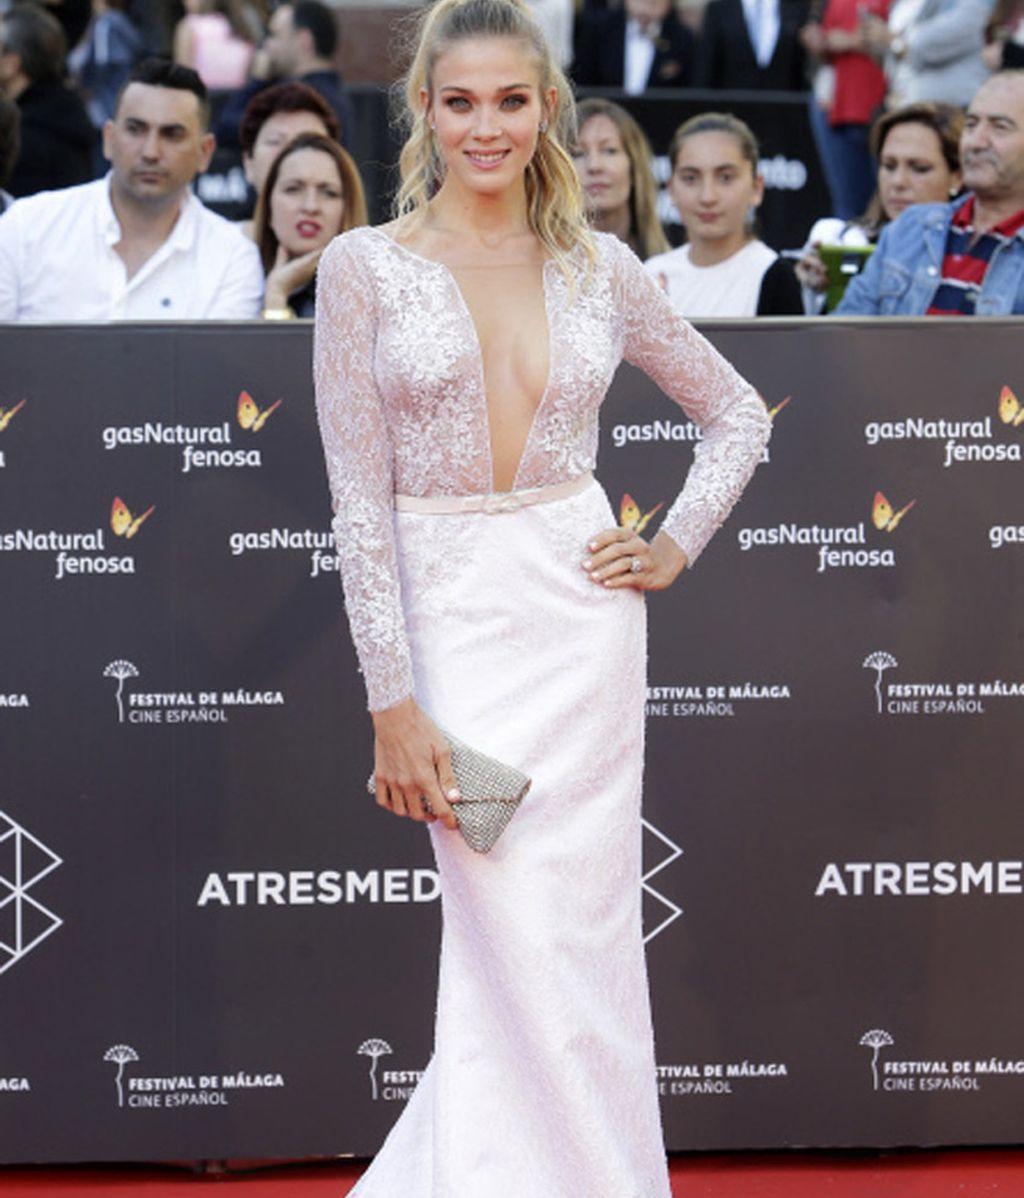 La actriz Patricia Montero de blanco en la alfombra roja